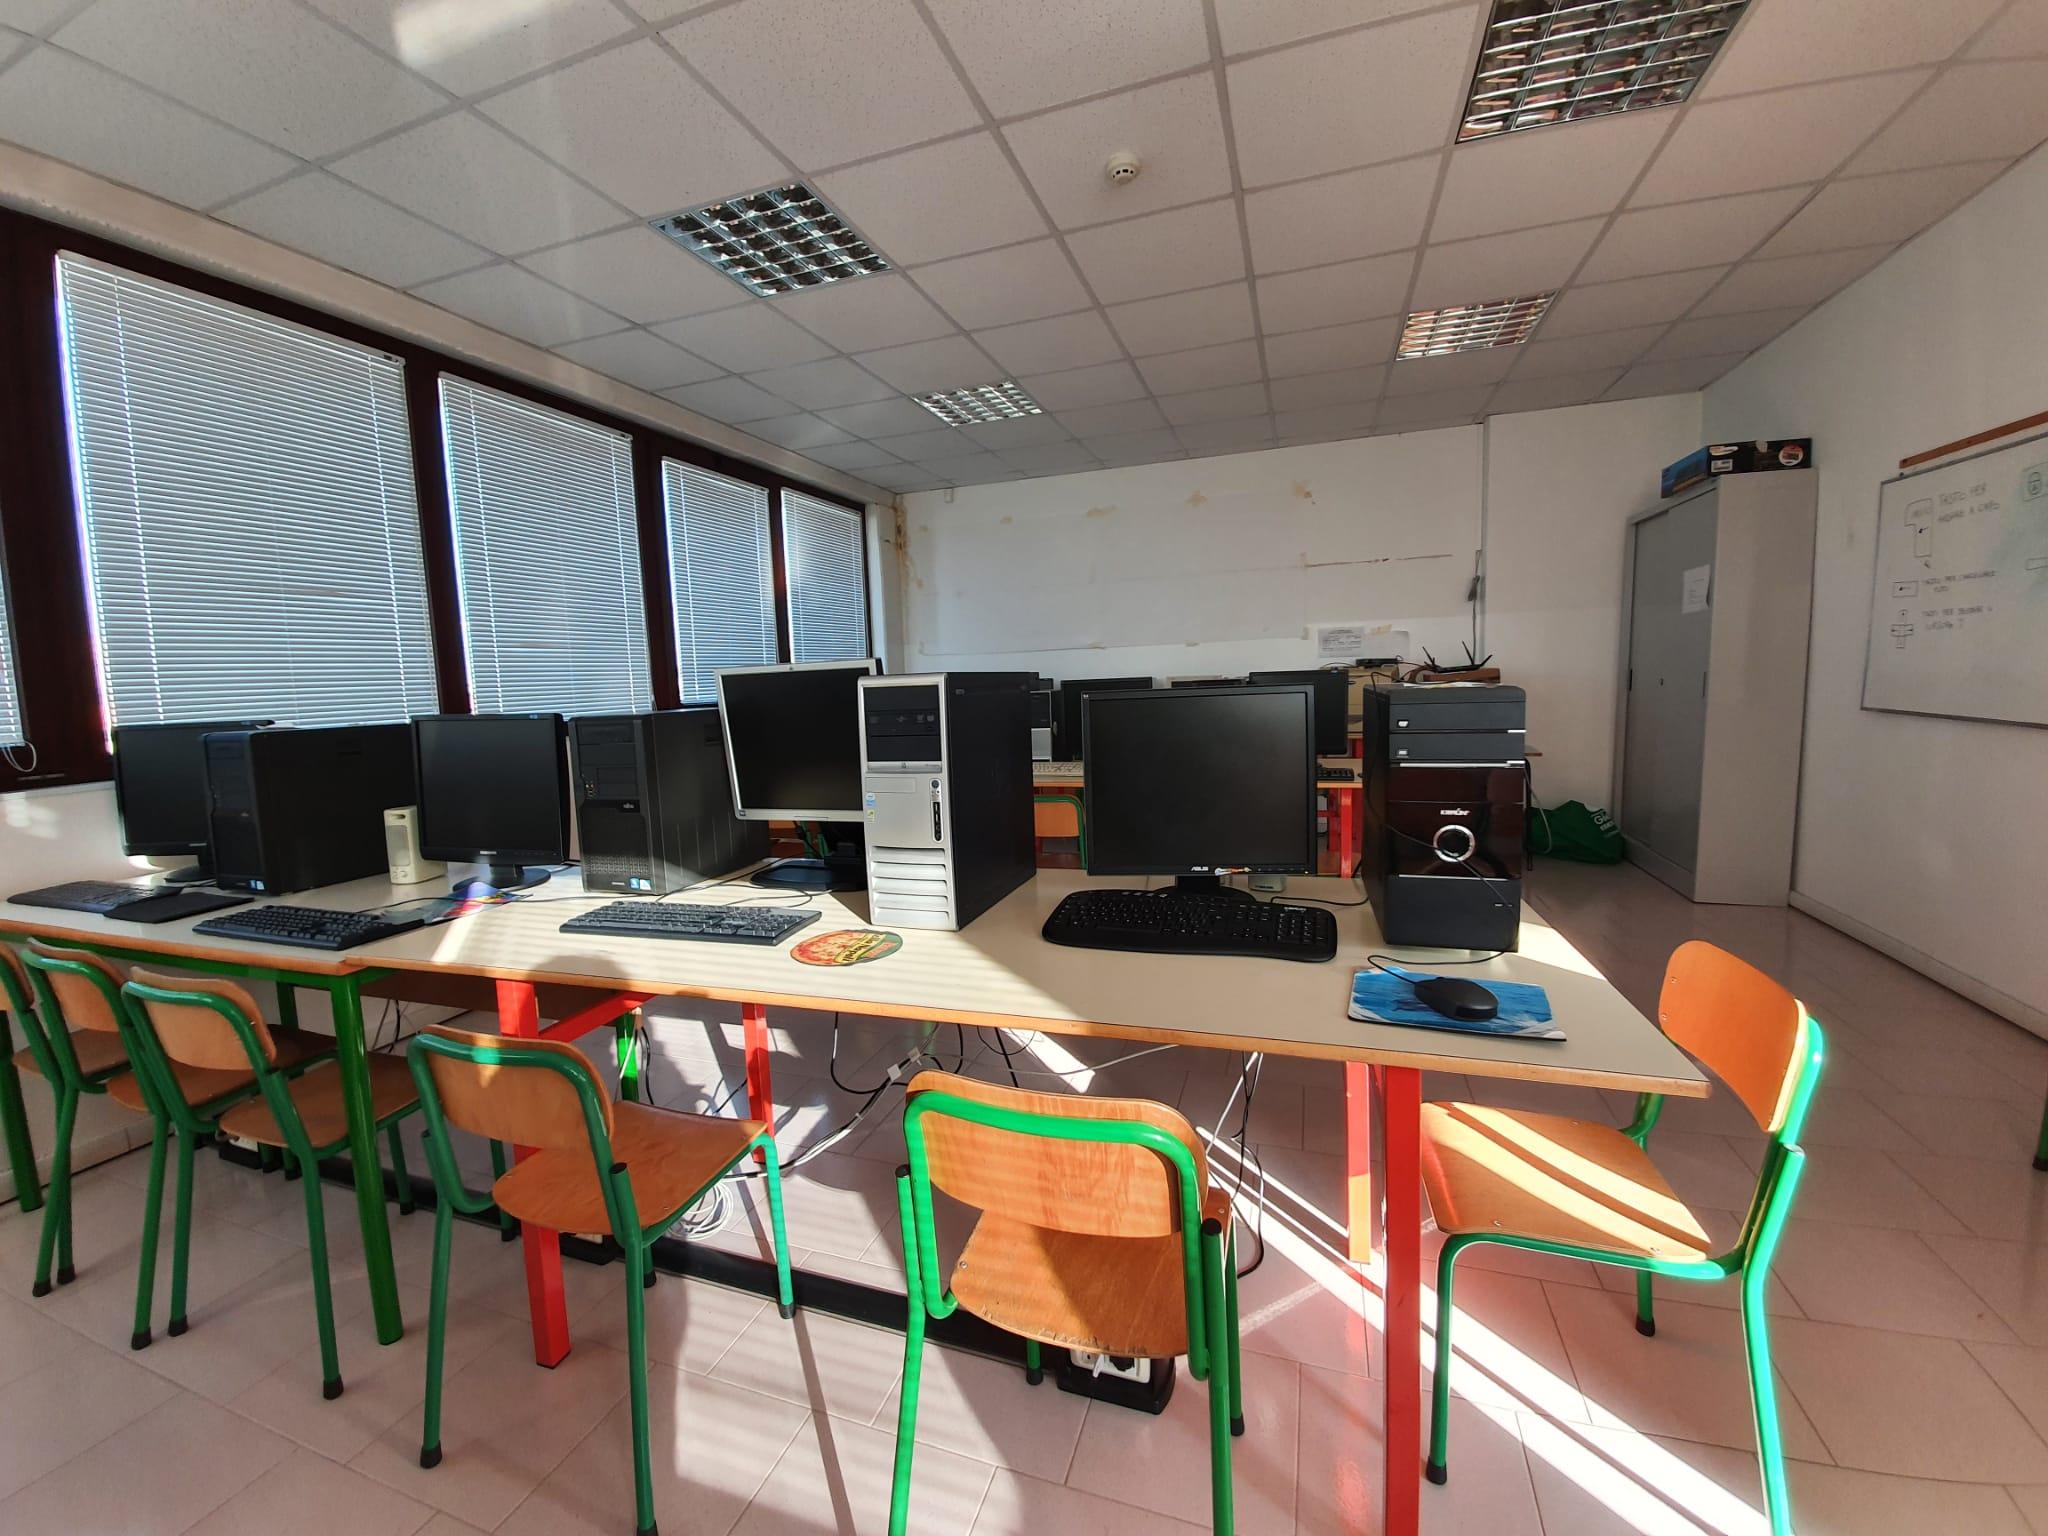 Bandiera aula informatica